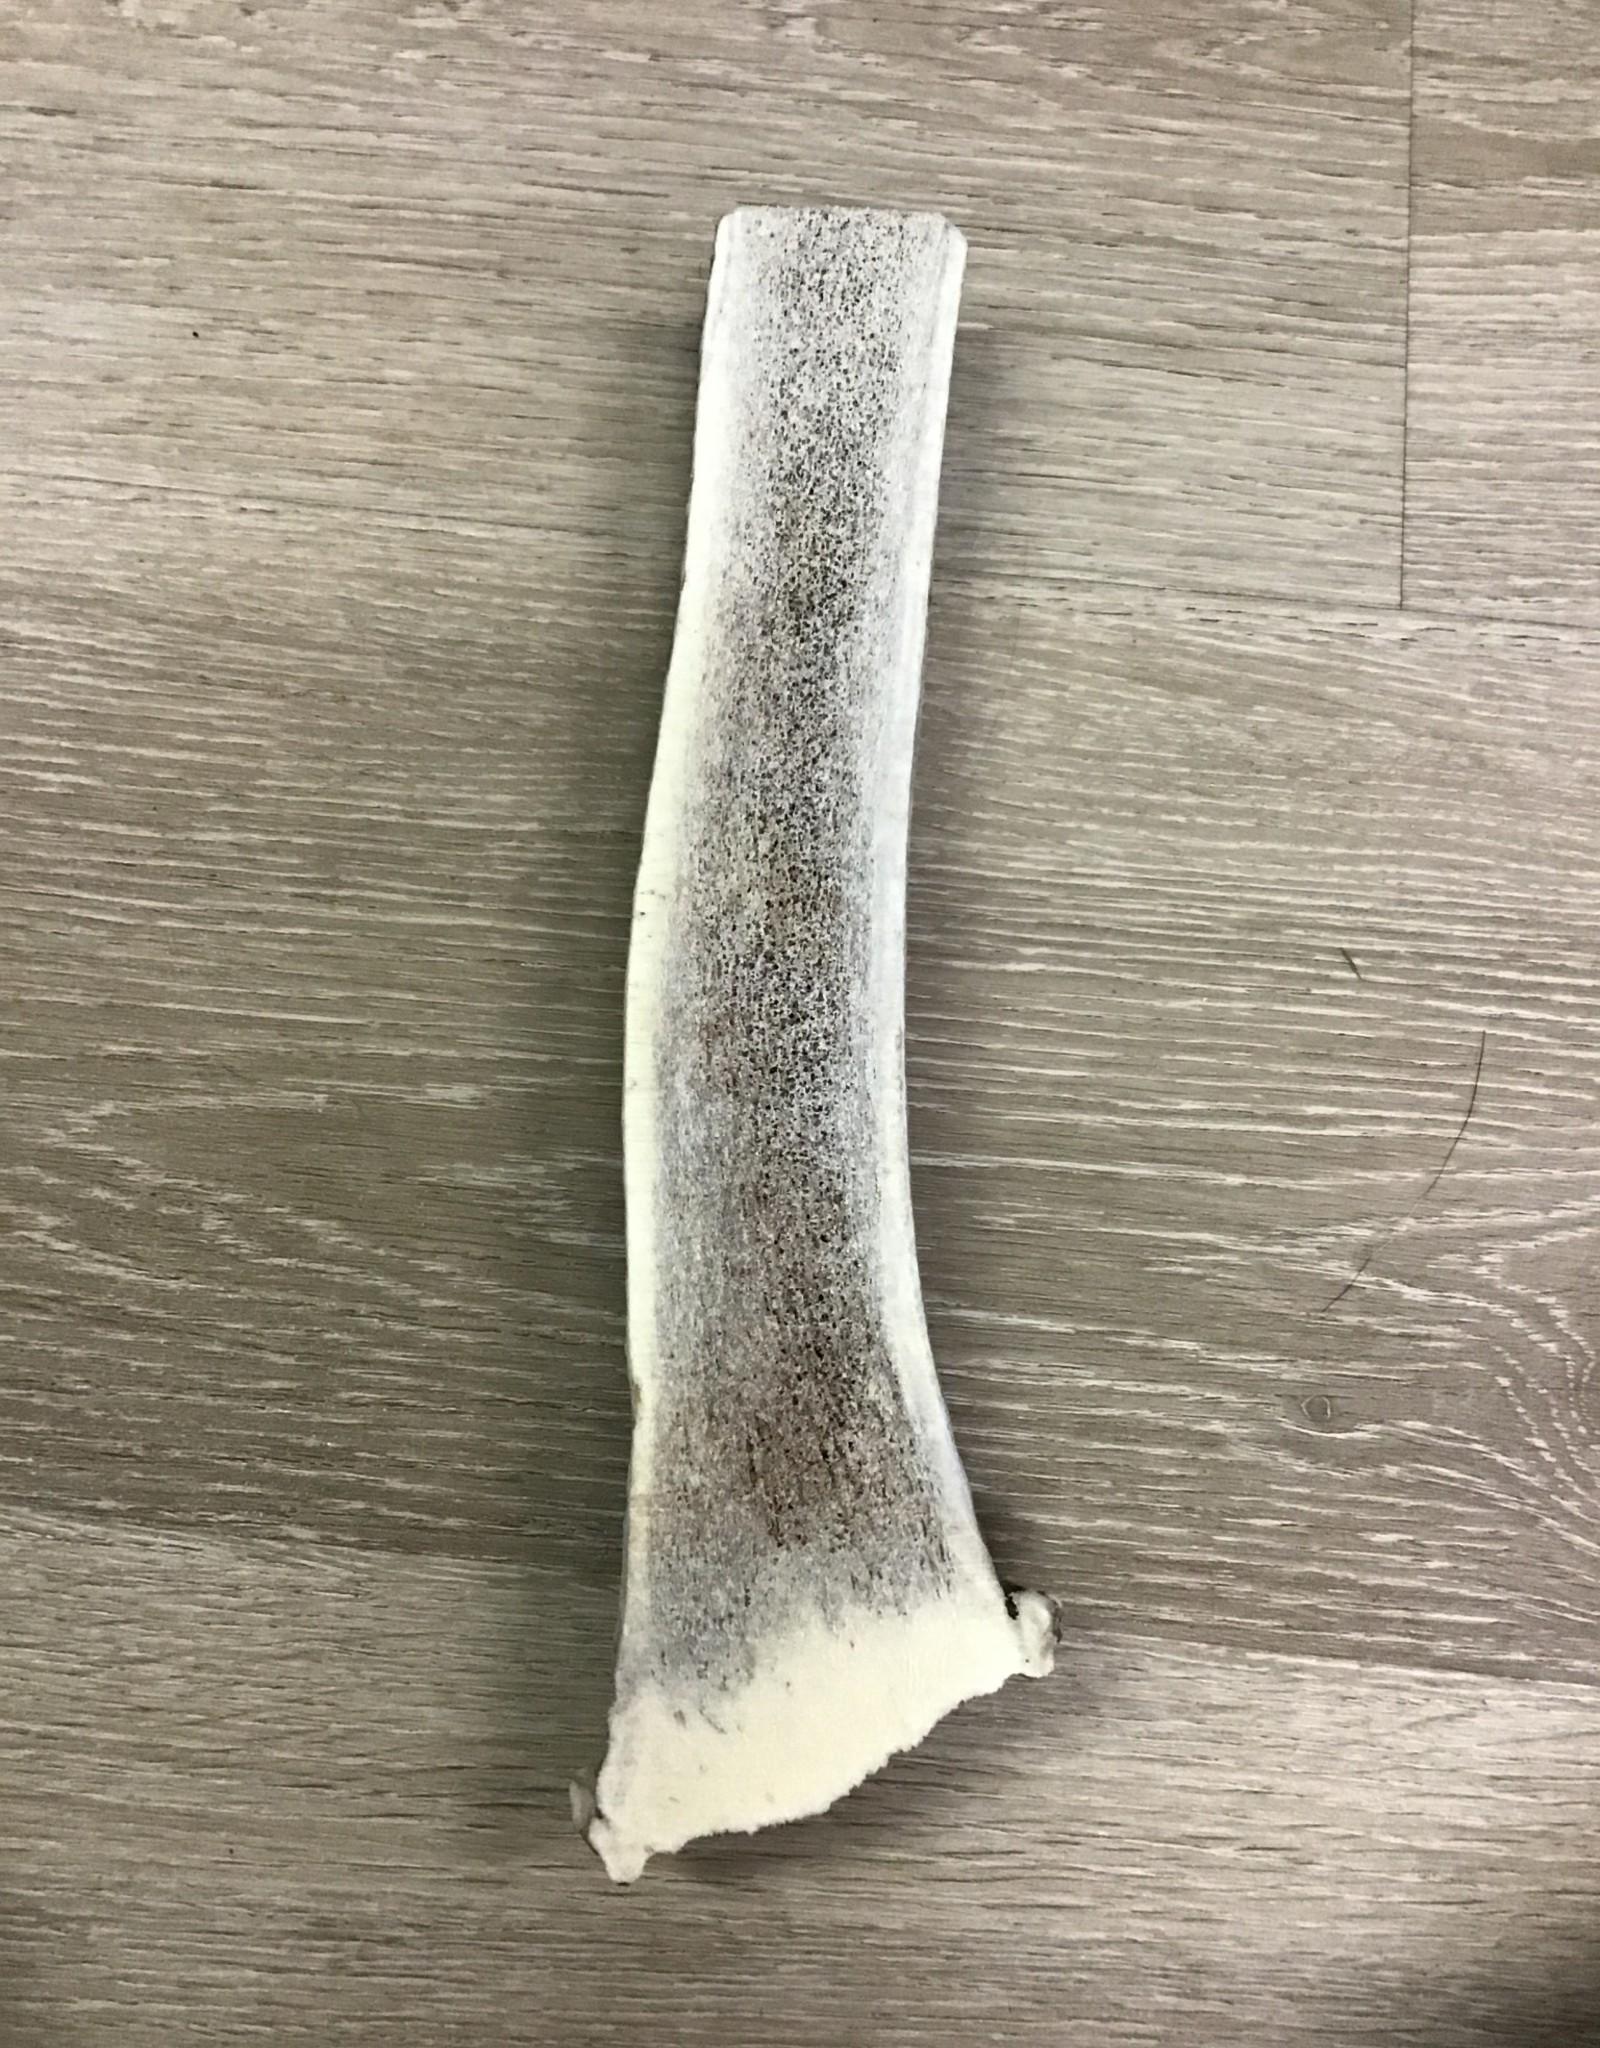 ELK USA Large Sliced Antler